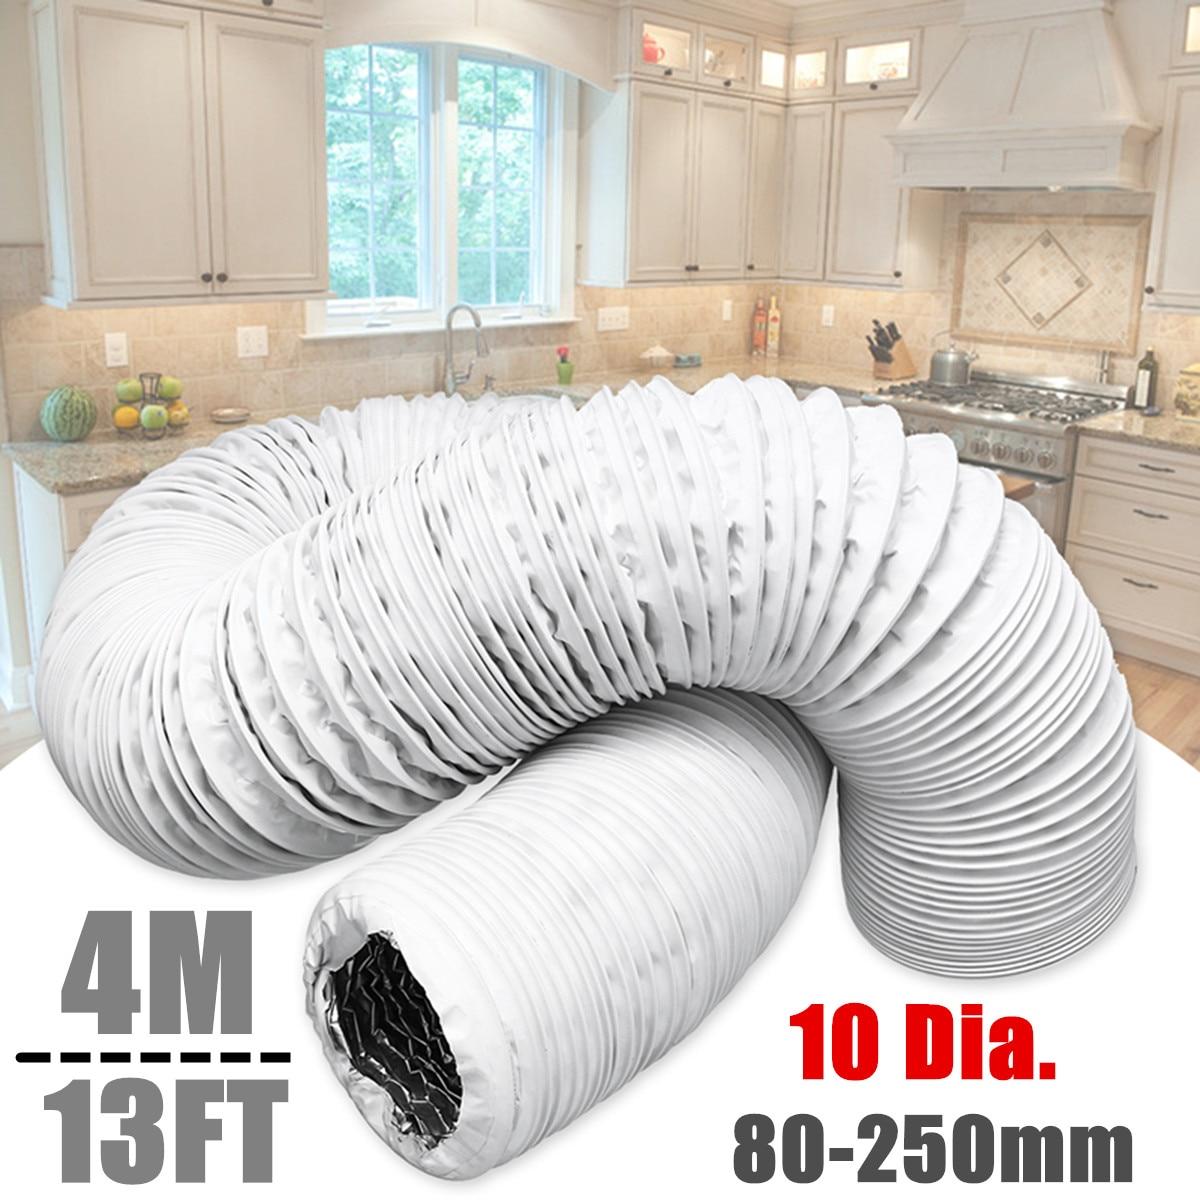 4M Aluminum Foil Duct Hose Pipes Fittings Kitchen Exhaust Inline Fan Vent Hoses Ventilation Air Vent Tube Part 80-250mm Diameter